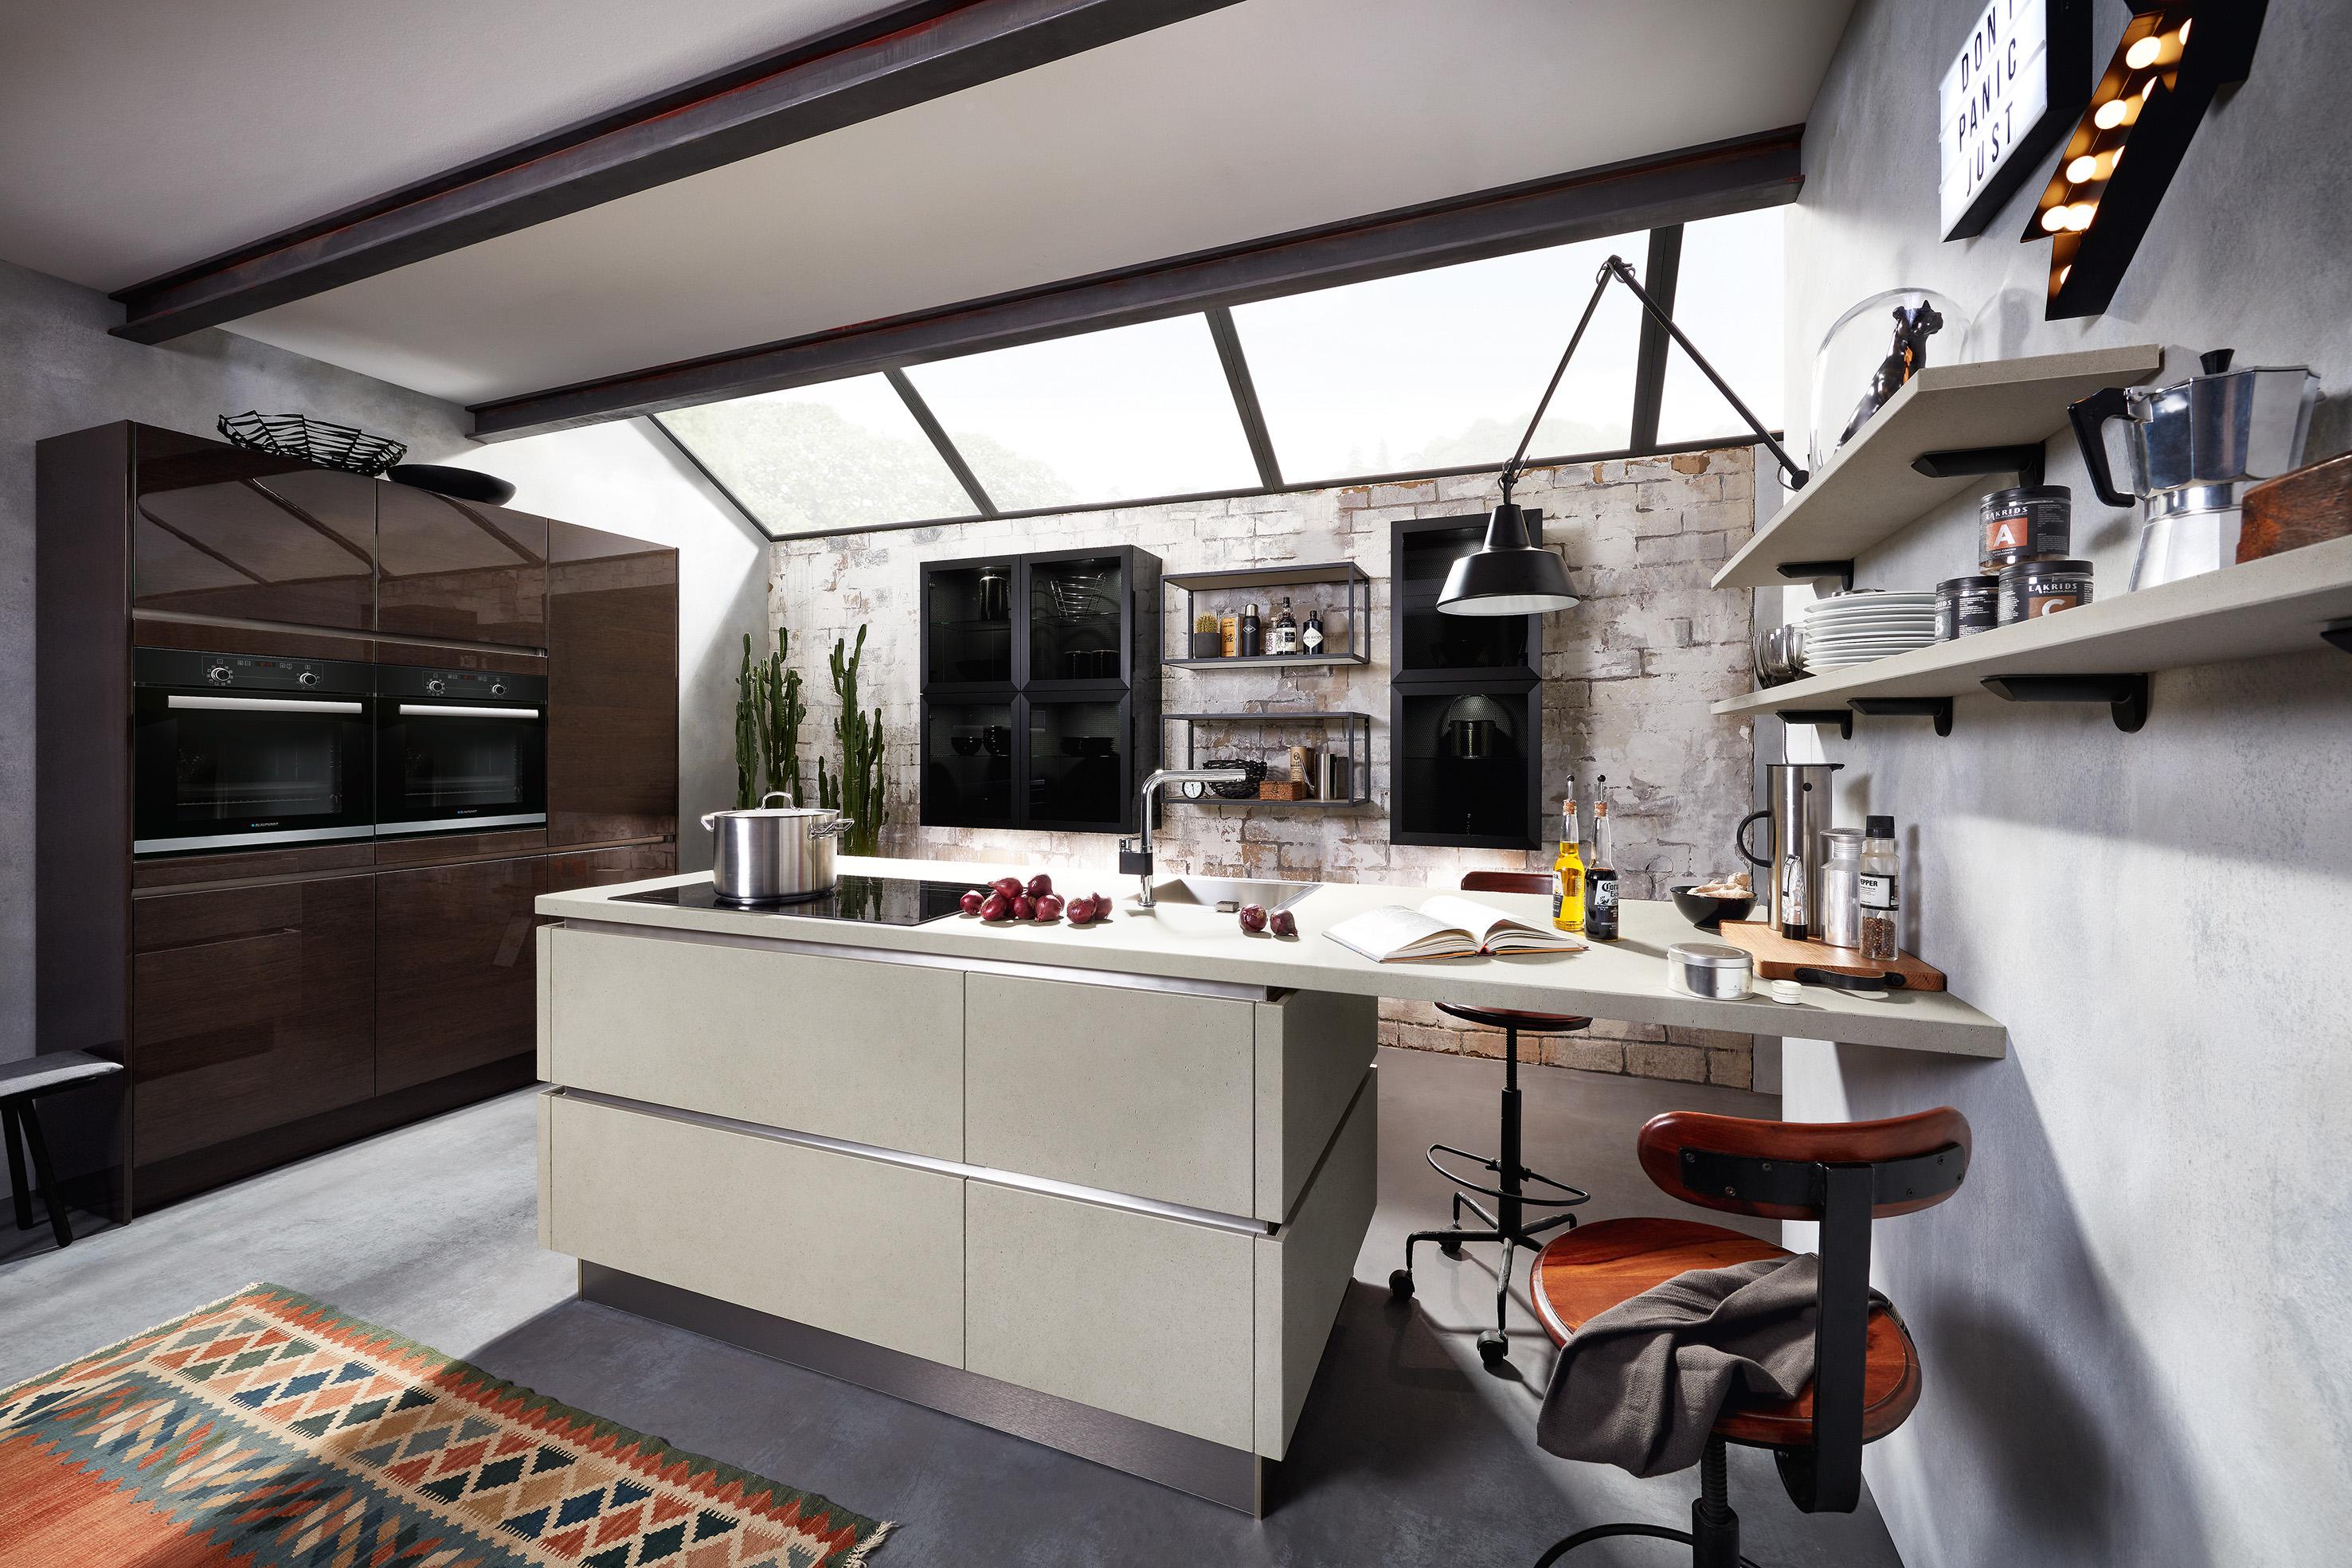 Küchentrends 2018 - Kreative Designideen für die Küche - Küche&Co